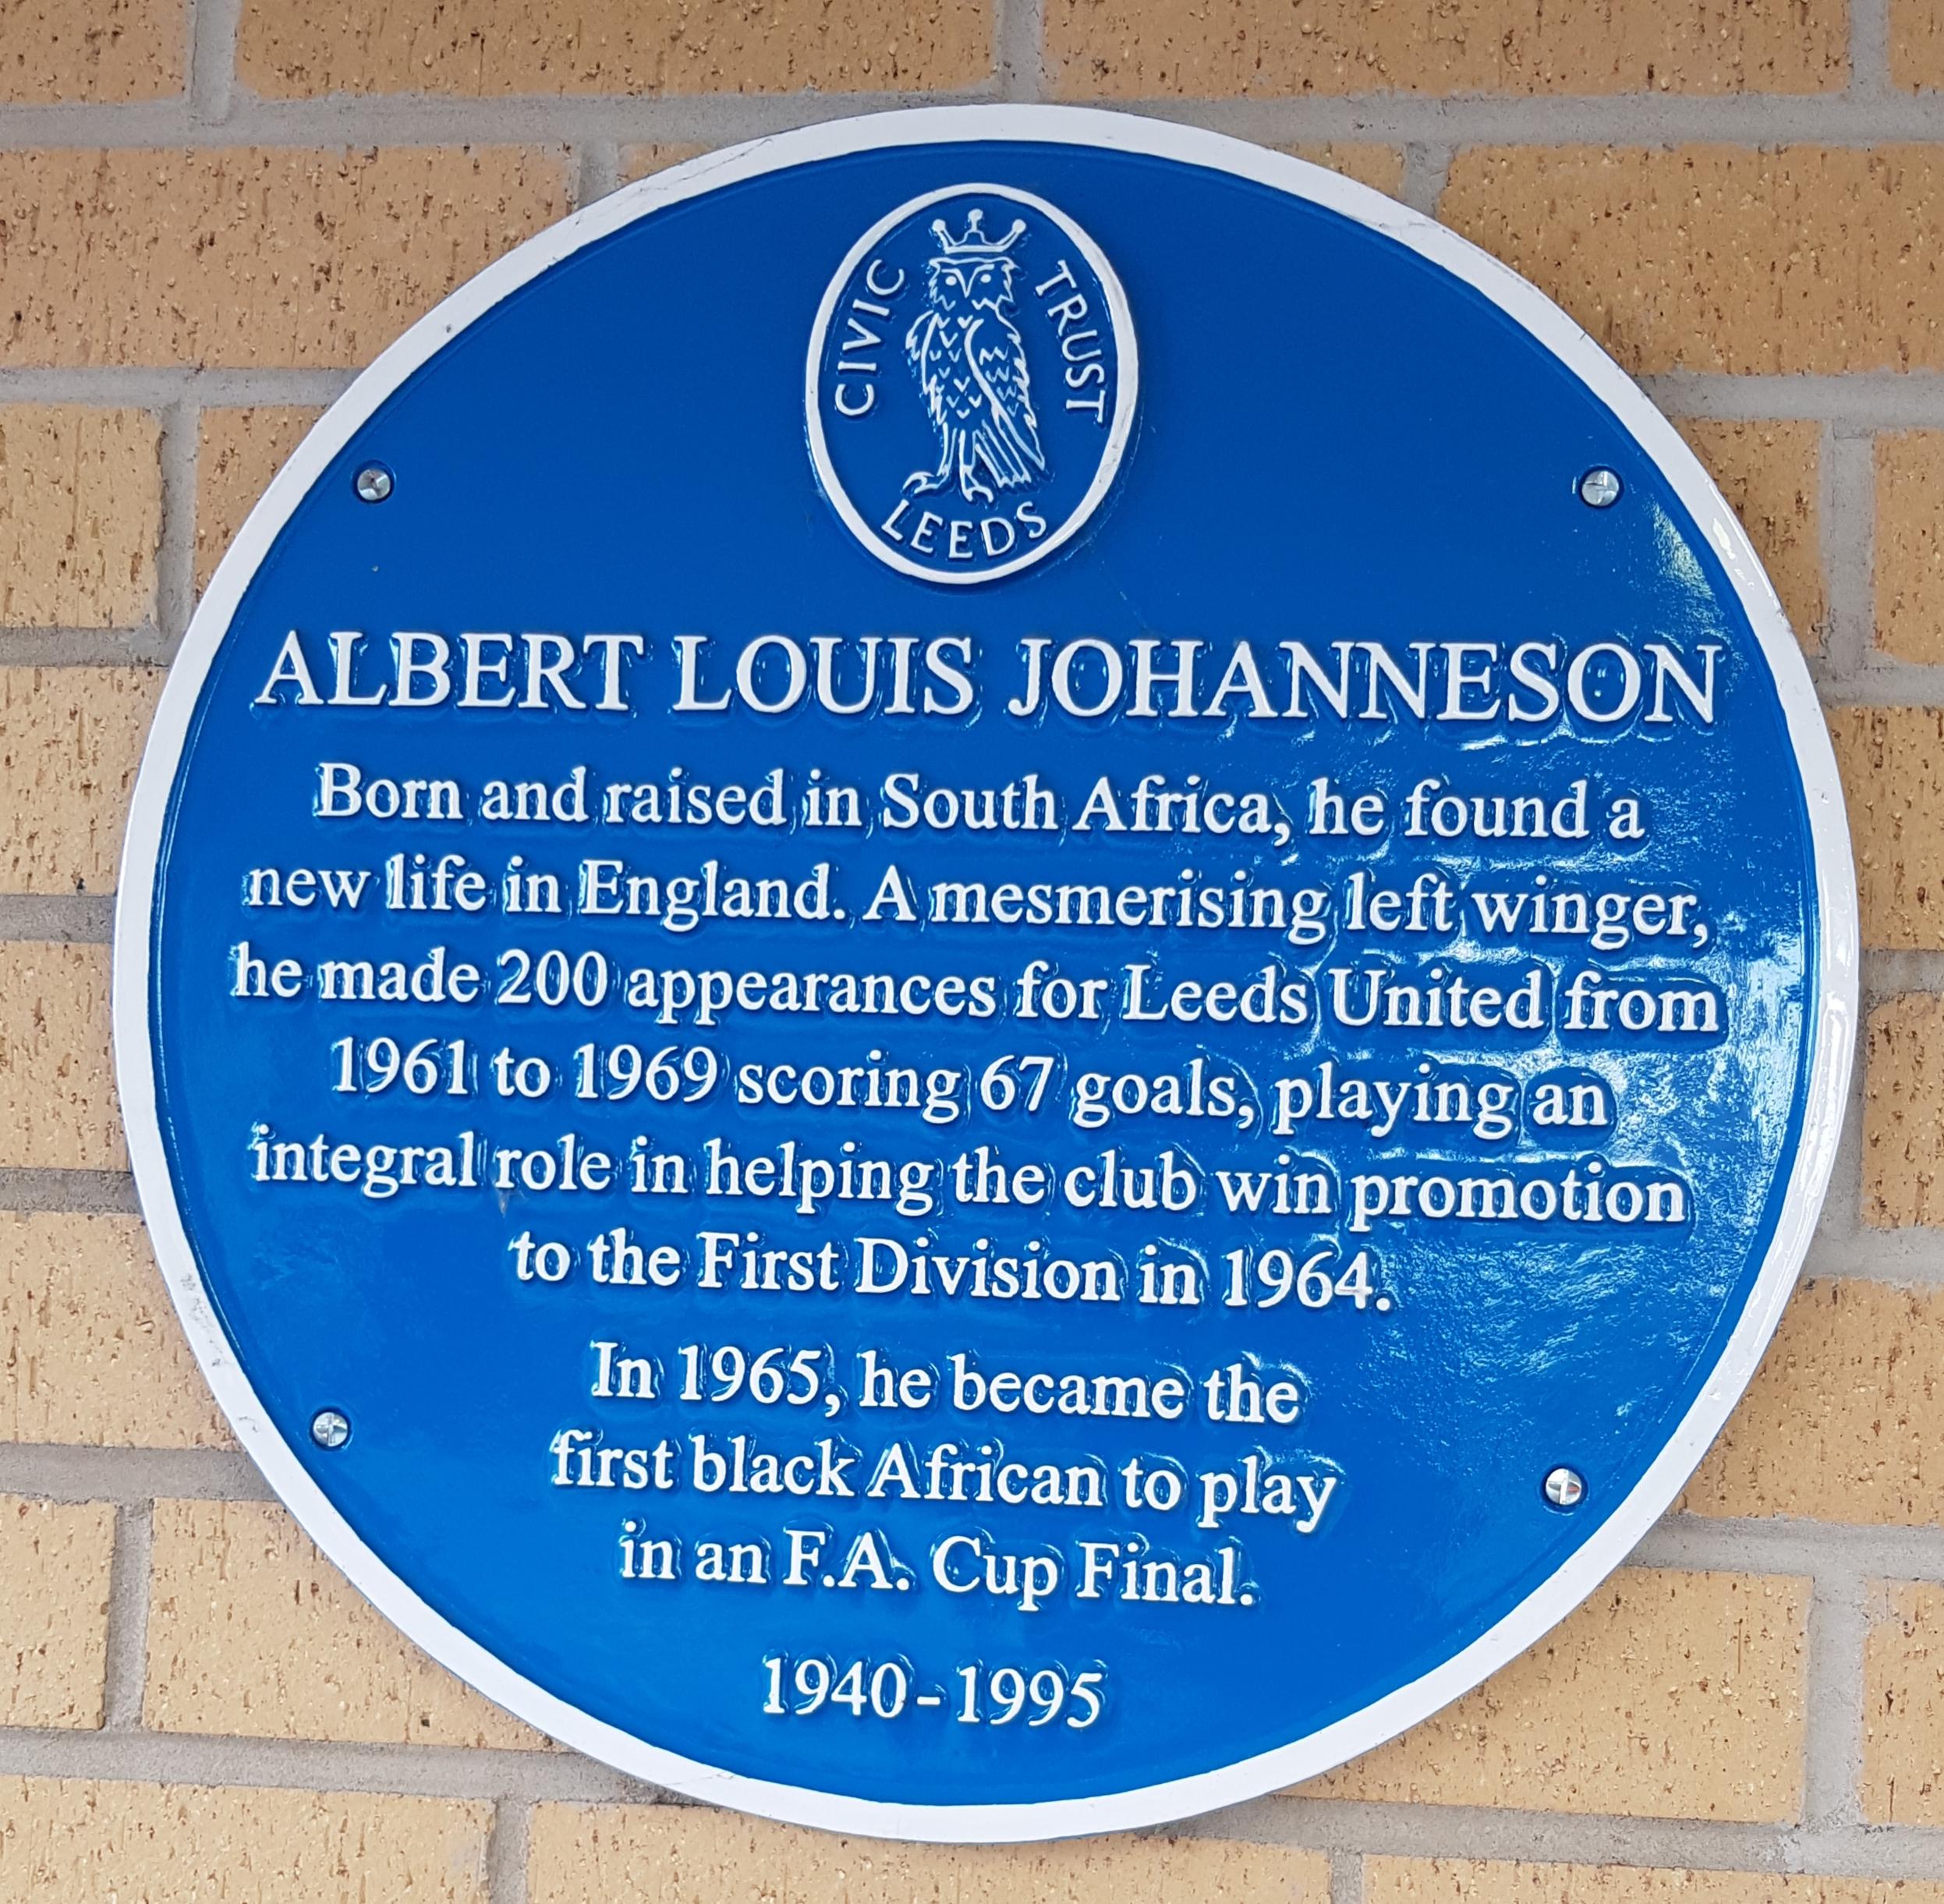 Colour photograph of a blue plaque